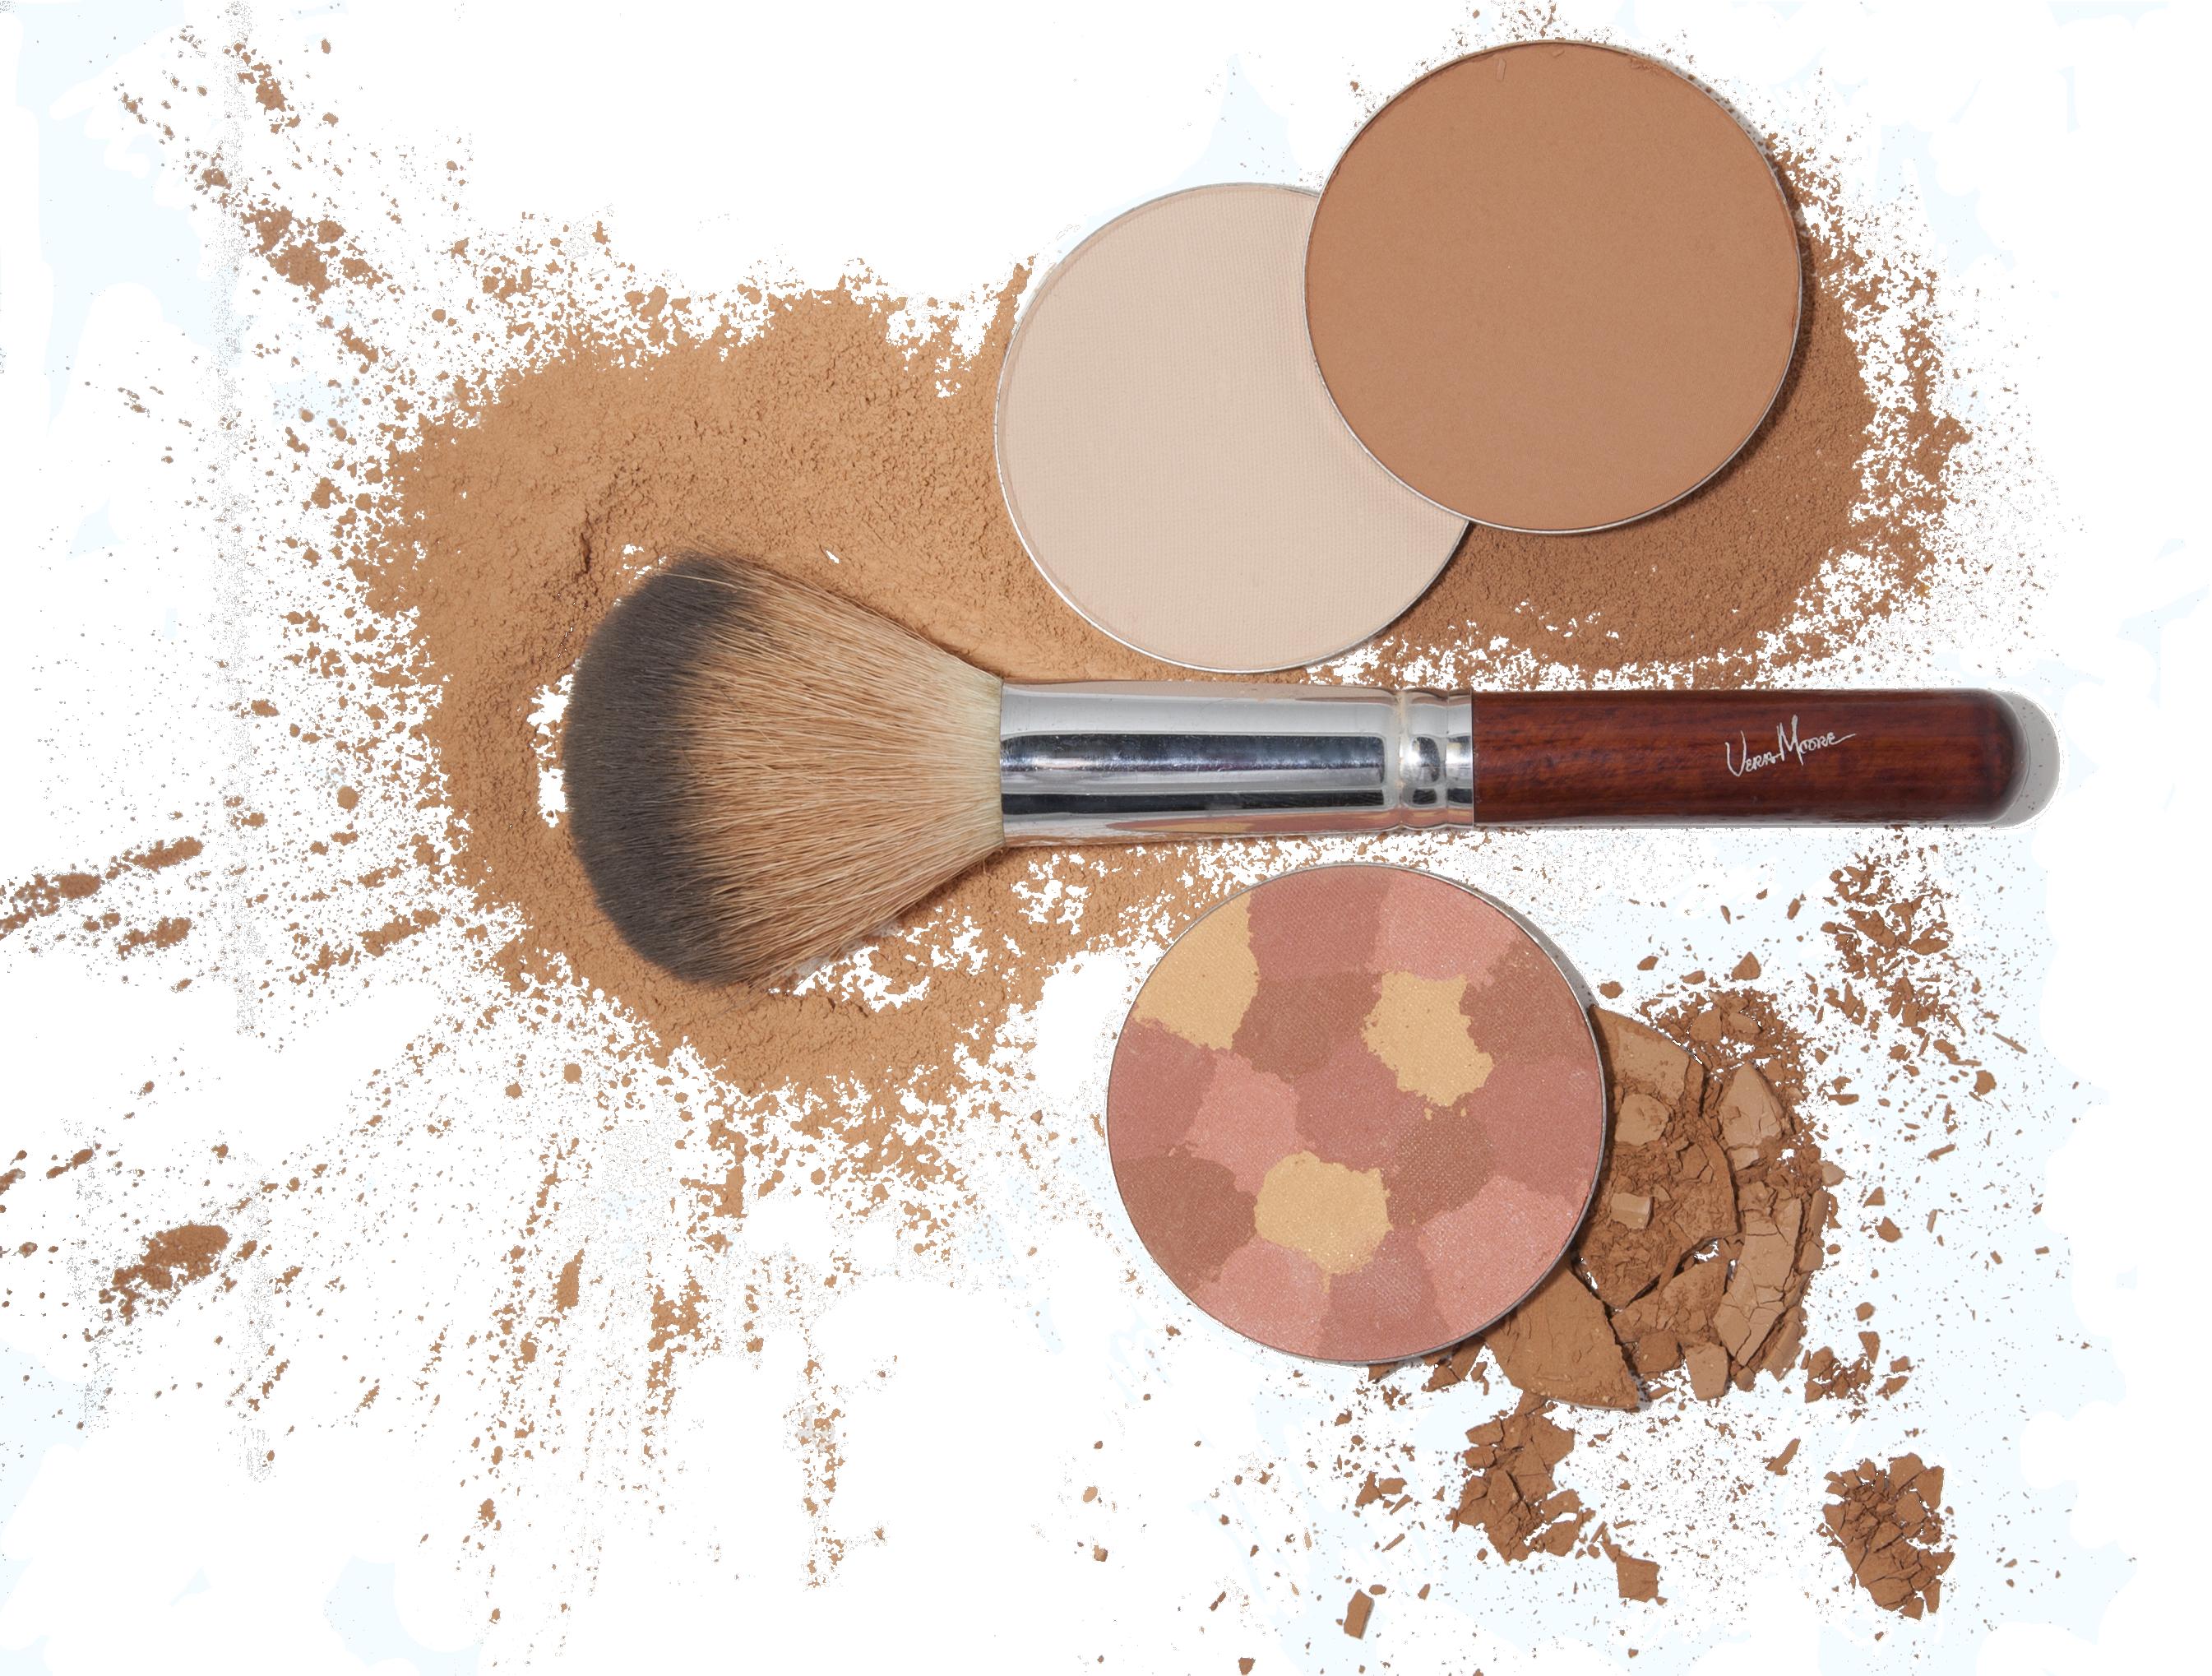 Makeup Png Image #7221 - Makeup PNG